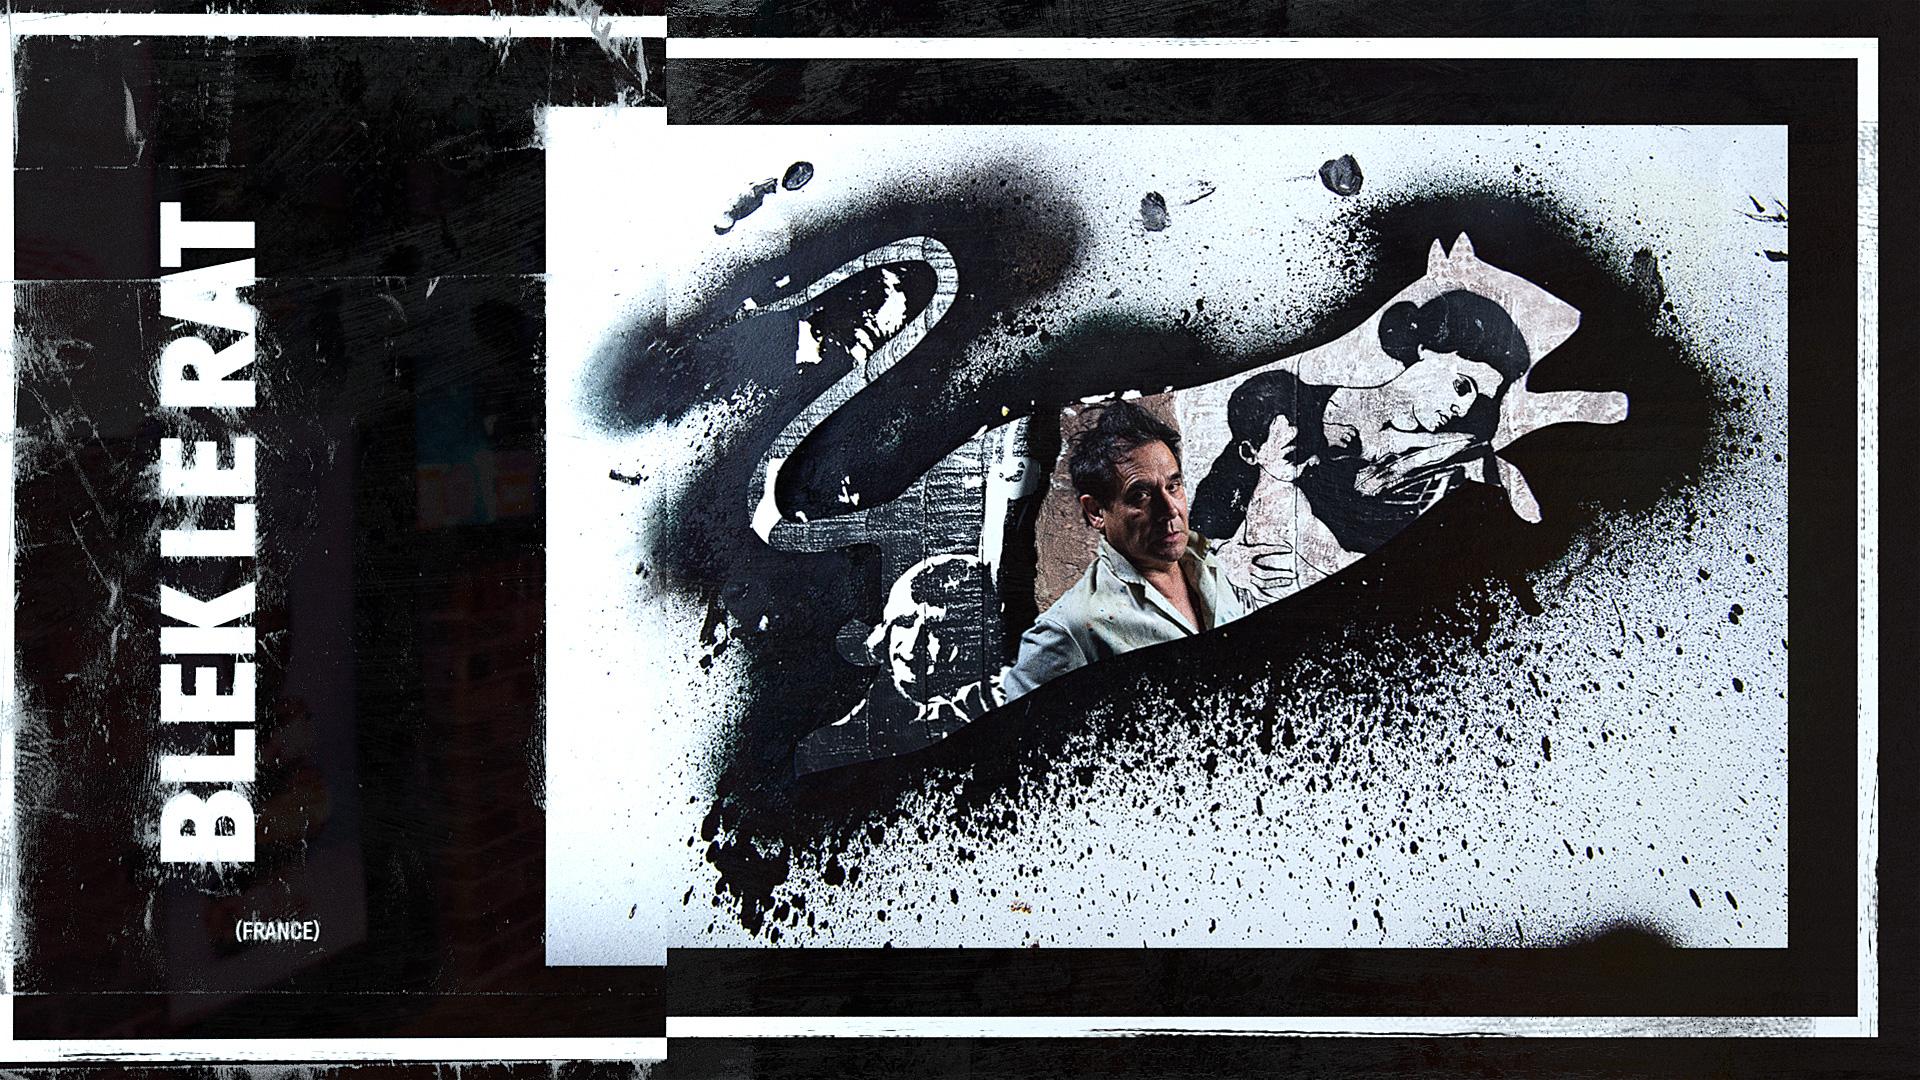 Søren Solkær Surface by Frame | STASH MAGAZINE